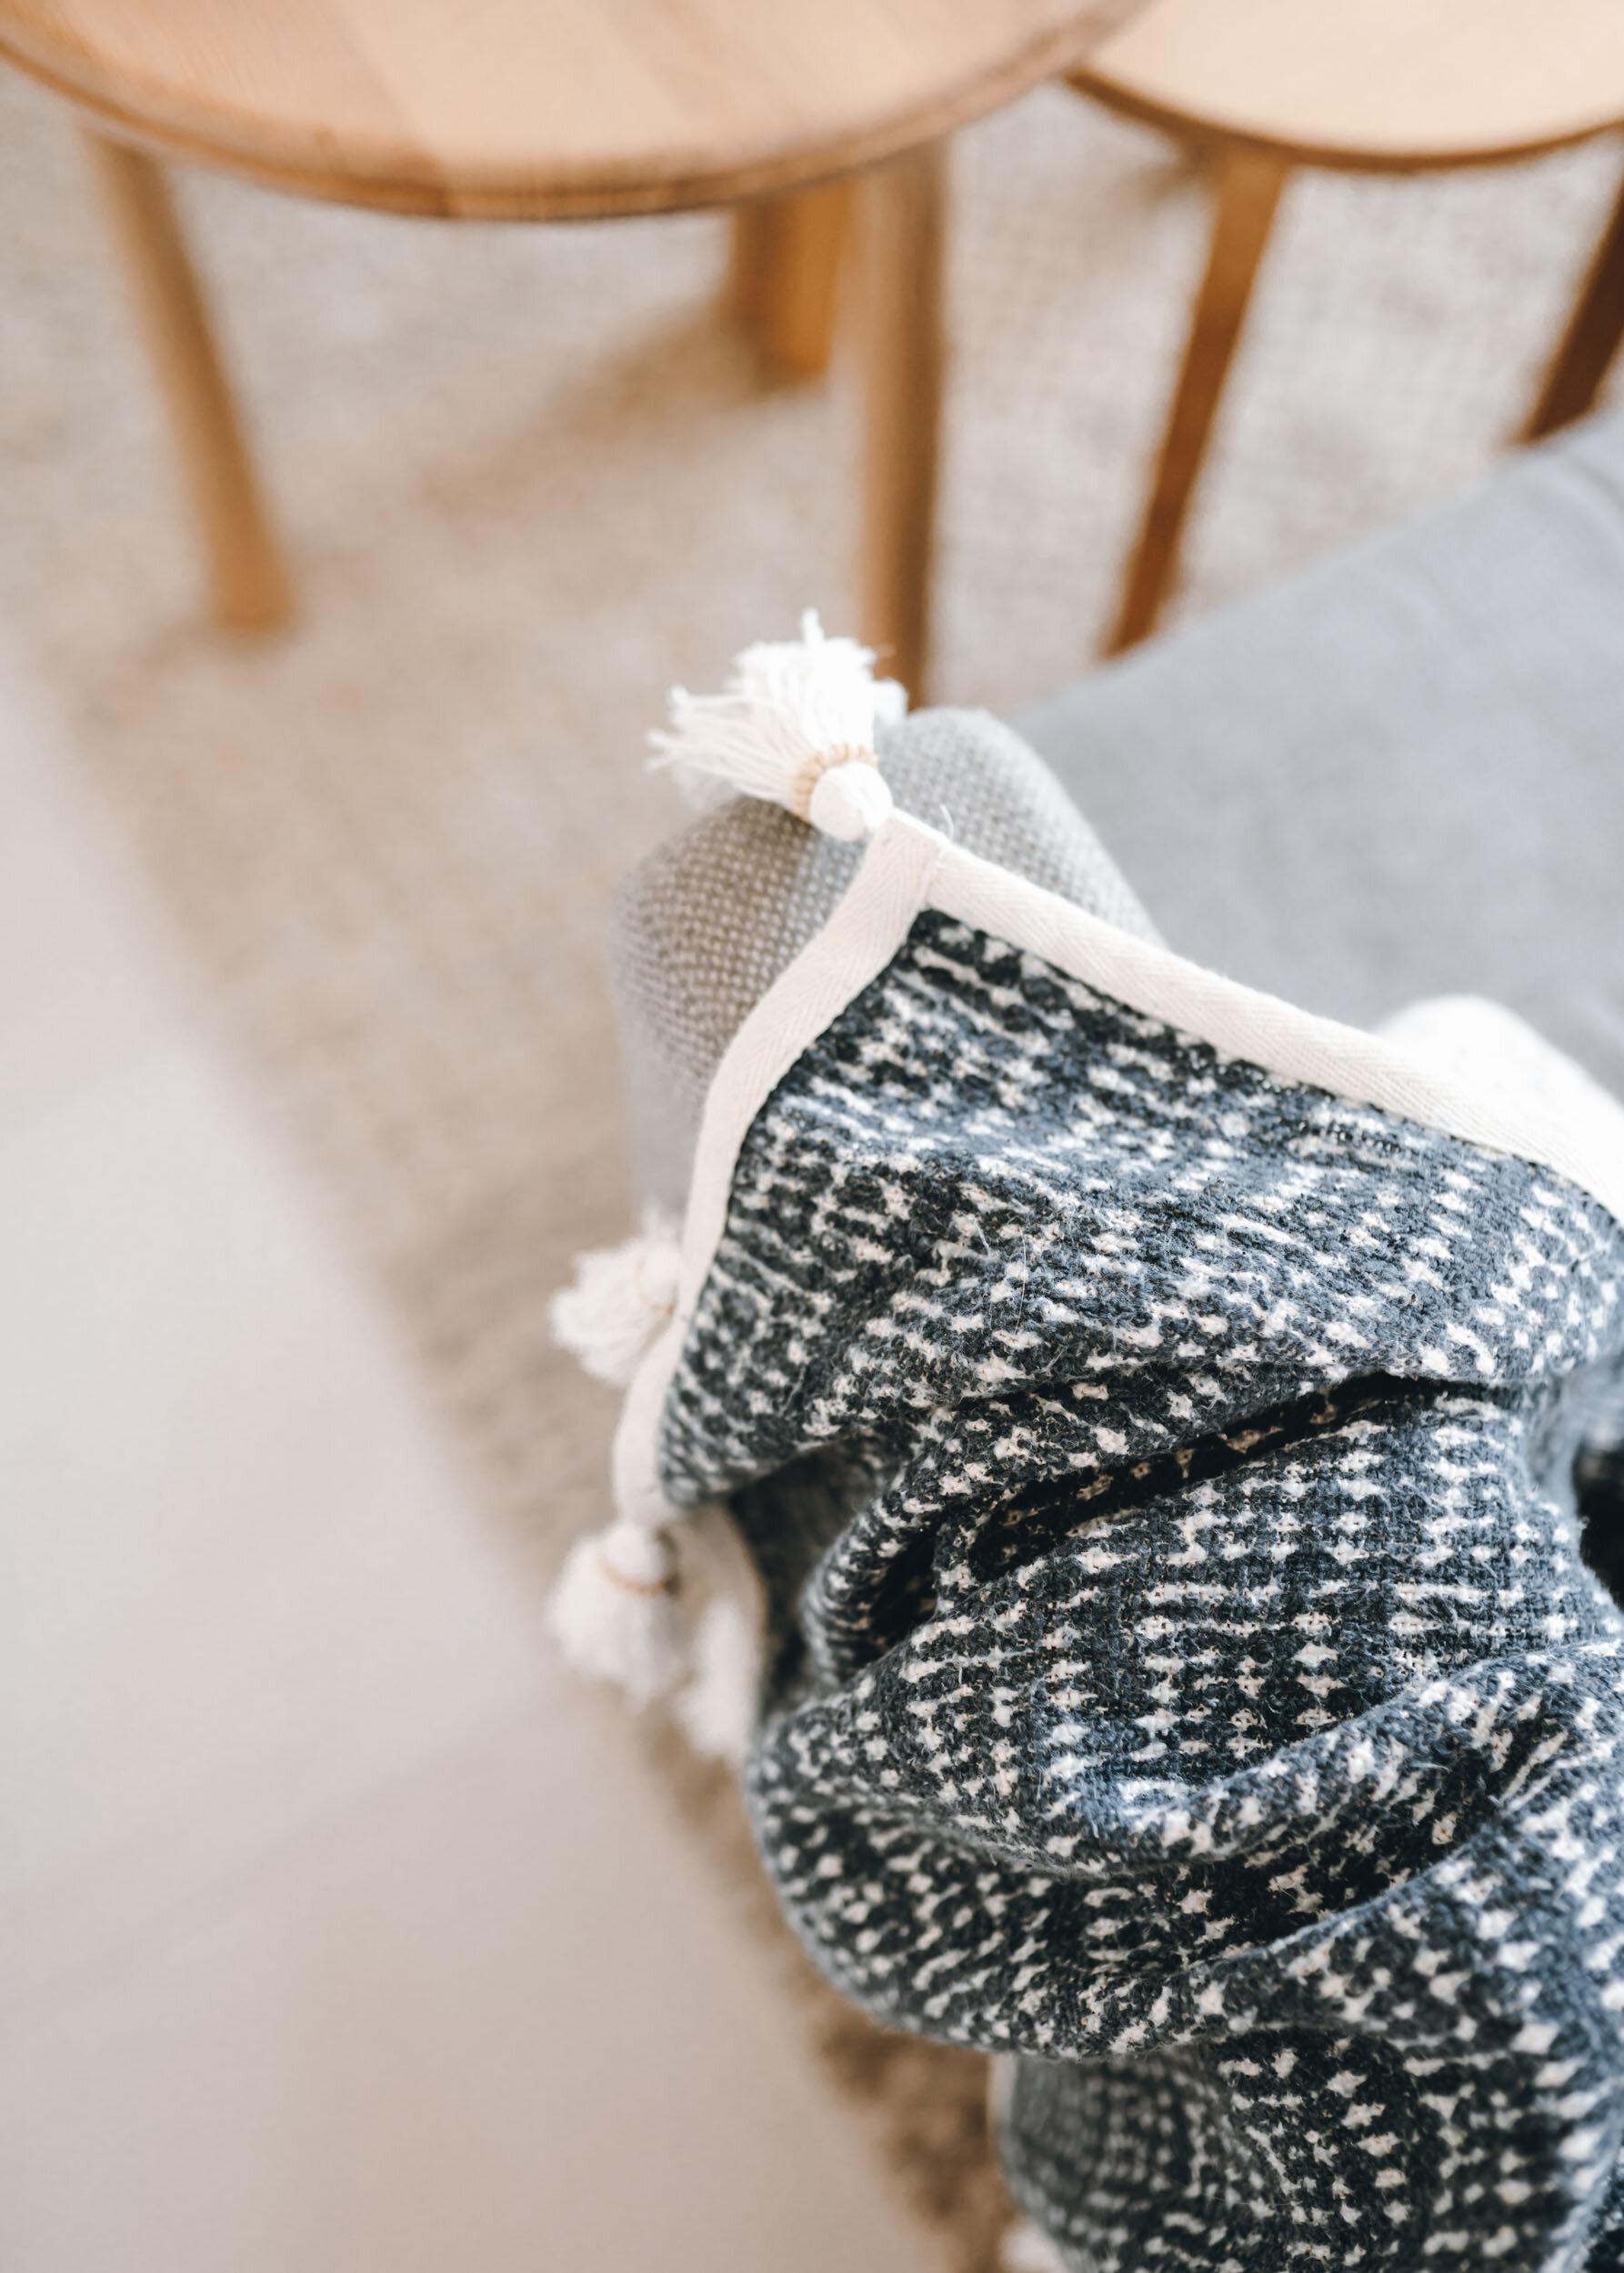 keira-mason-flourish-on-bull-street-blanket-details.jpg